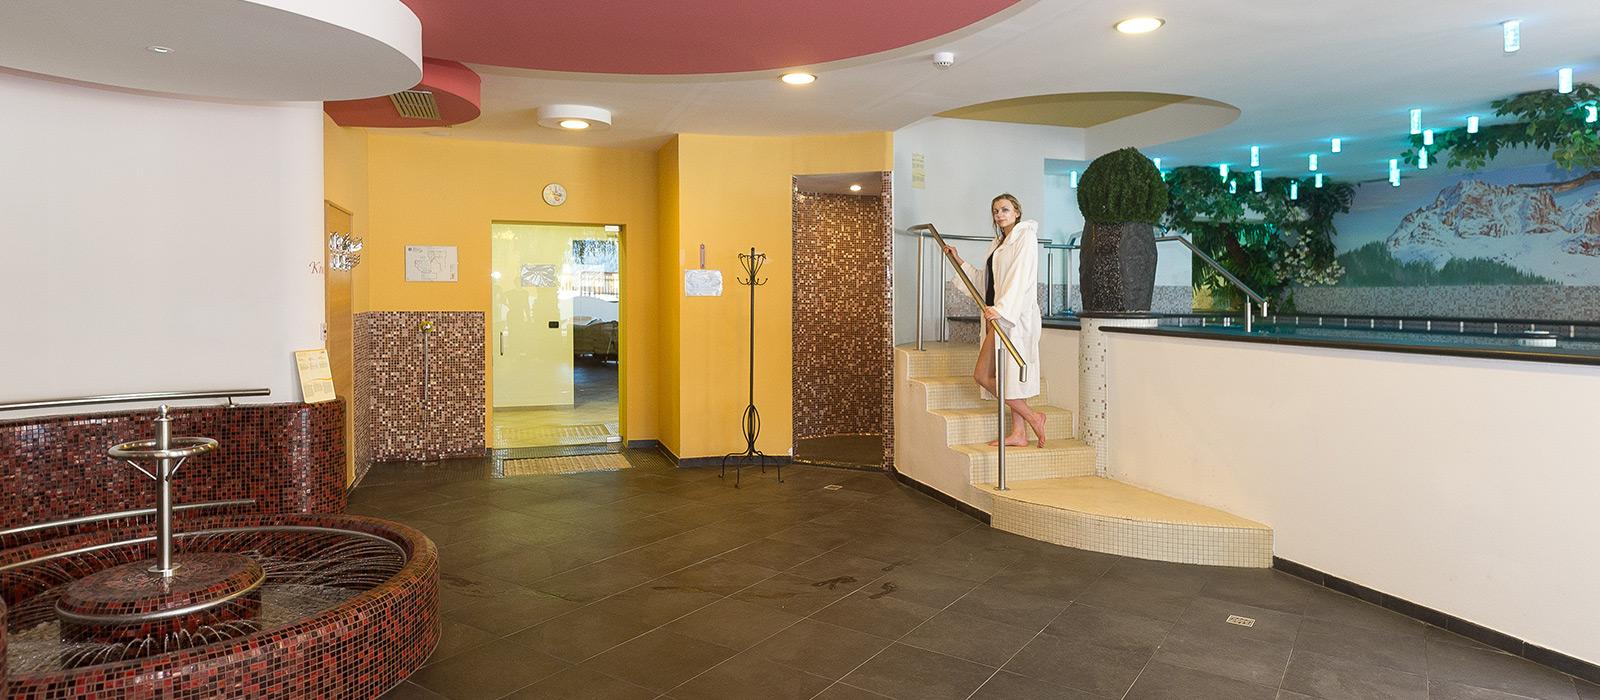 Kletterwand Für Zuhause die indoor kletterwand des wellness hotels fontana vigo